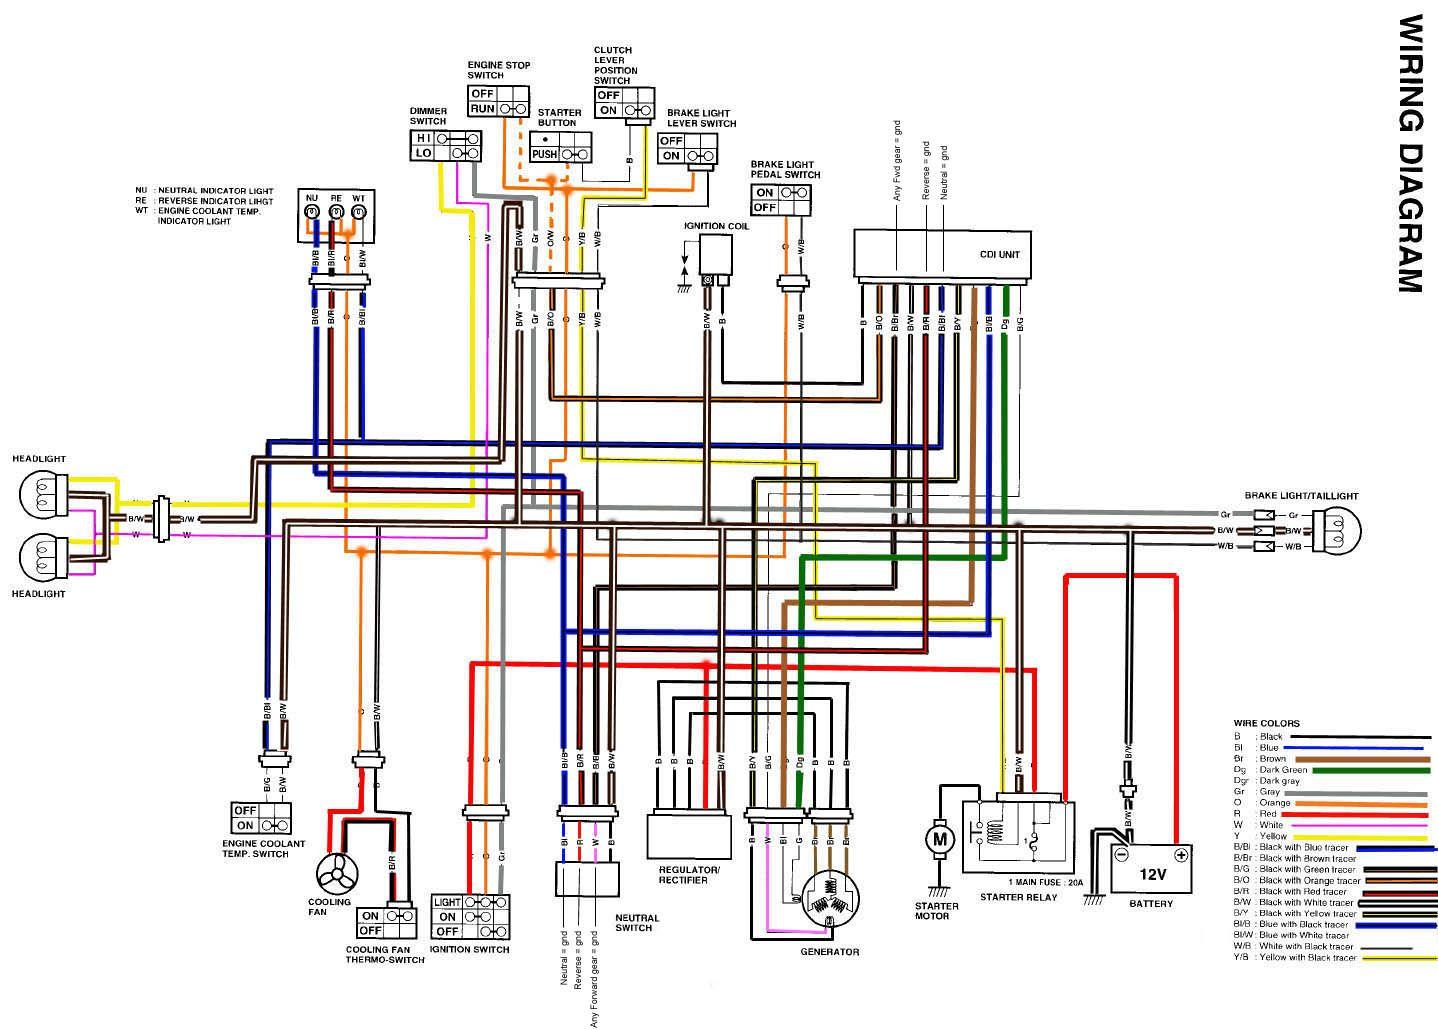 RS_8989] Wiring Schematic Yfz 450 Schematic WiringDrosi Jebrp Mohammedshrine Librar Wiring 101